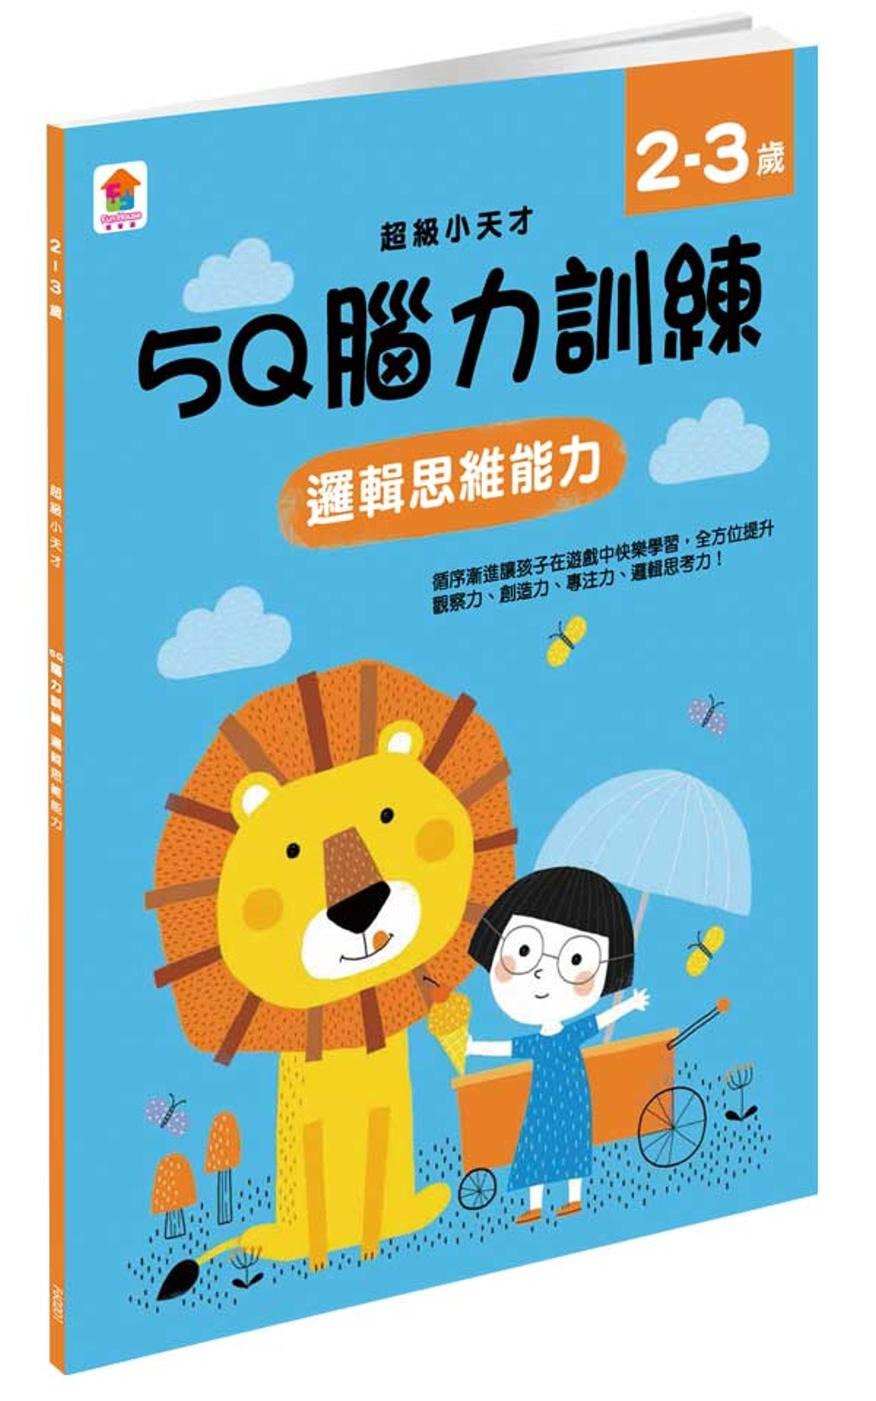 5Q 腦力訓練:2-3歲(邏輯思維能力)(1本練習本+76張貼紙)